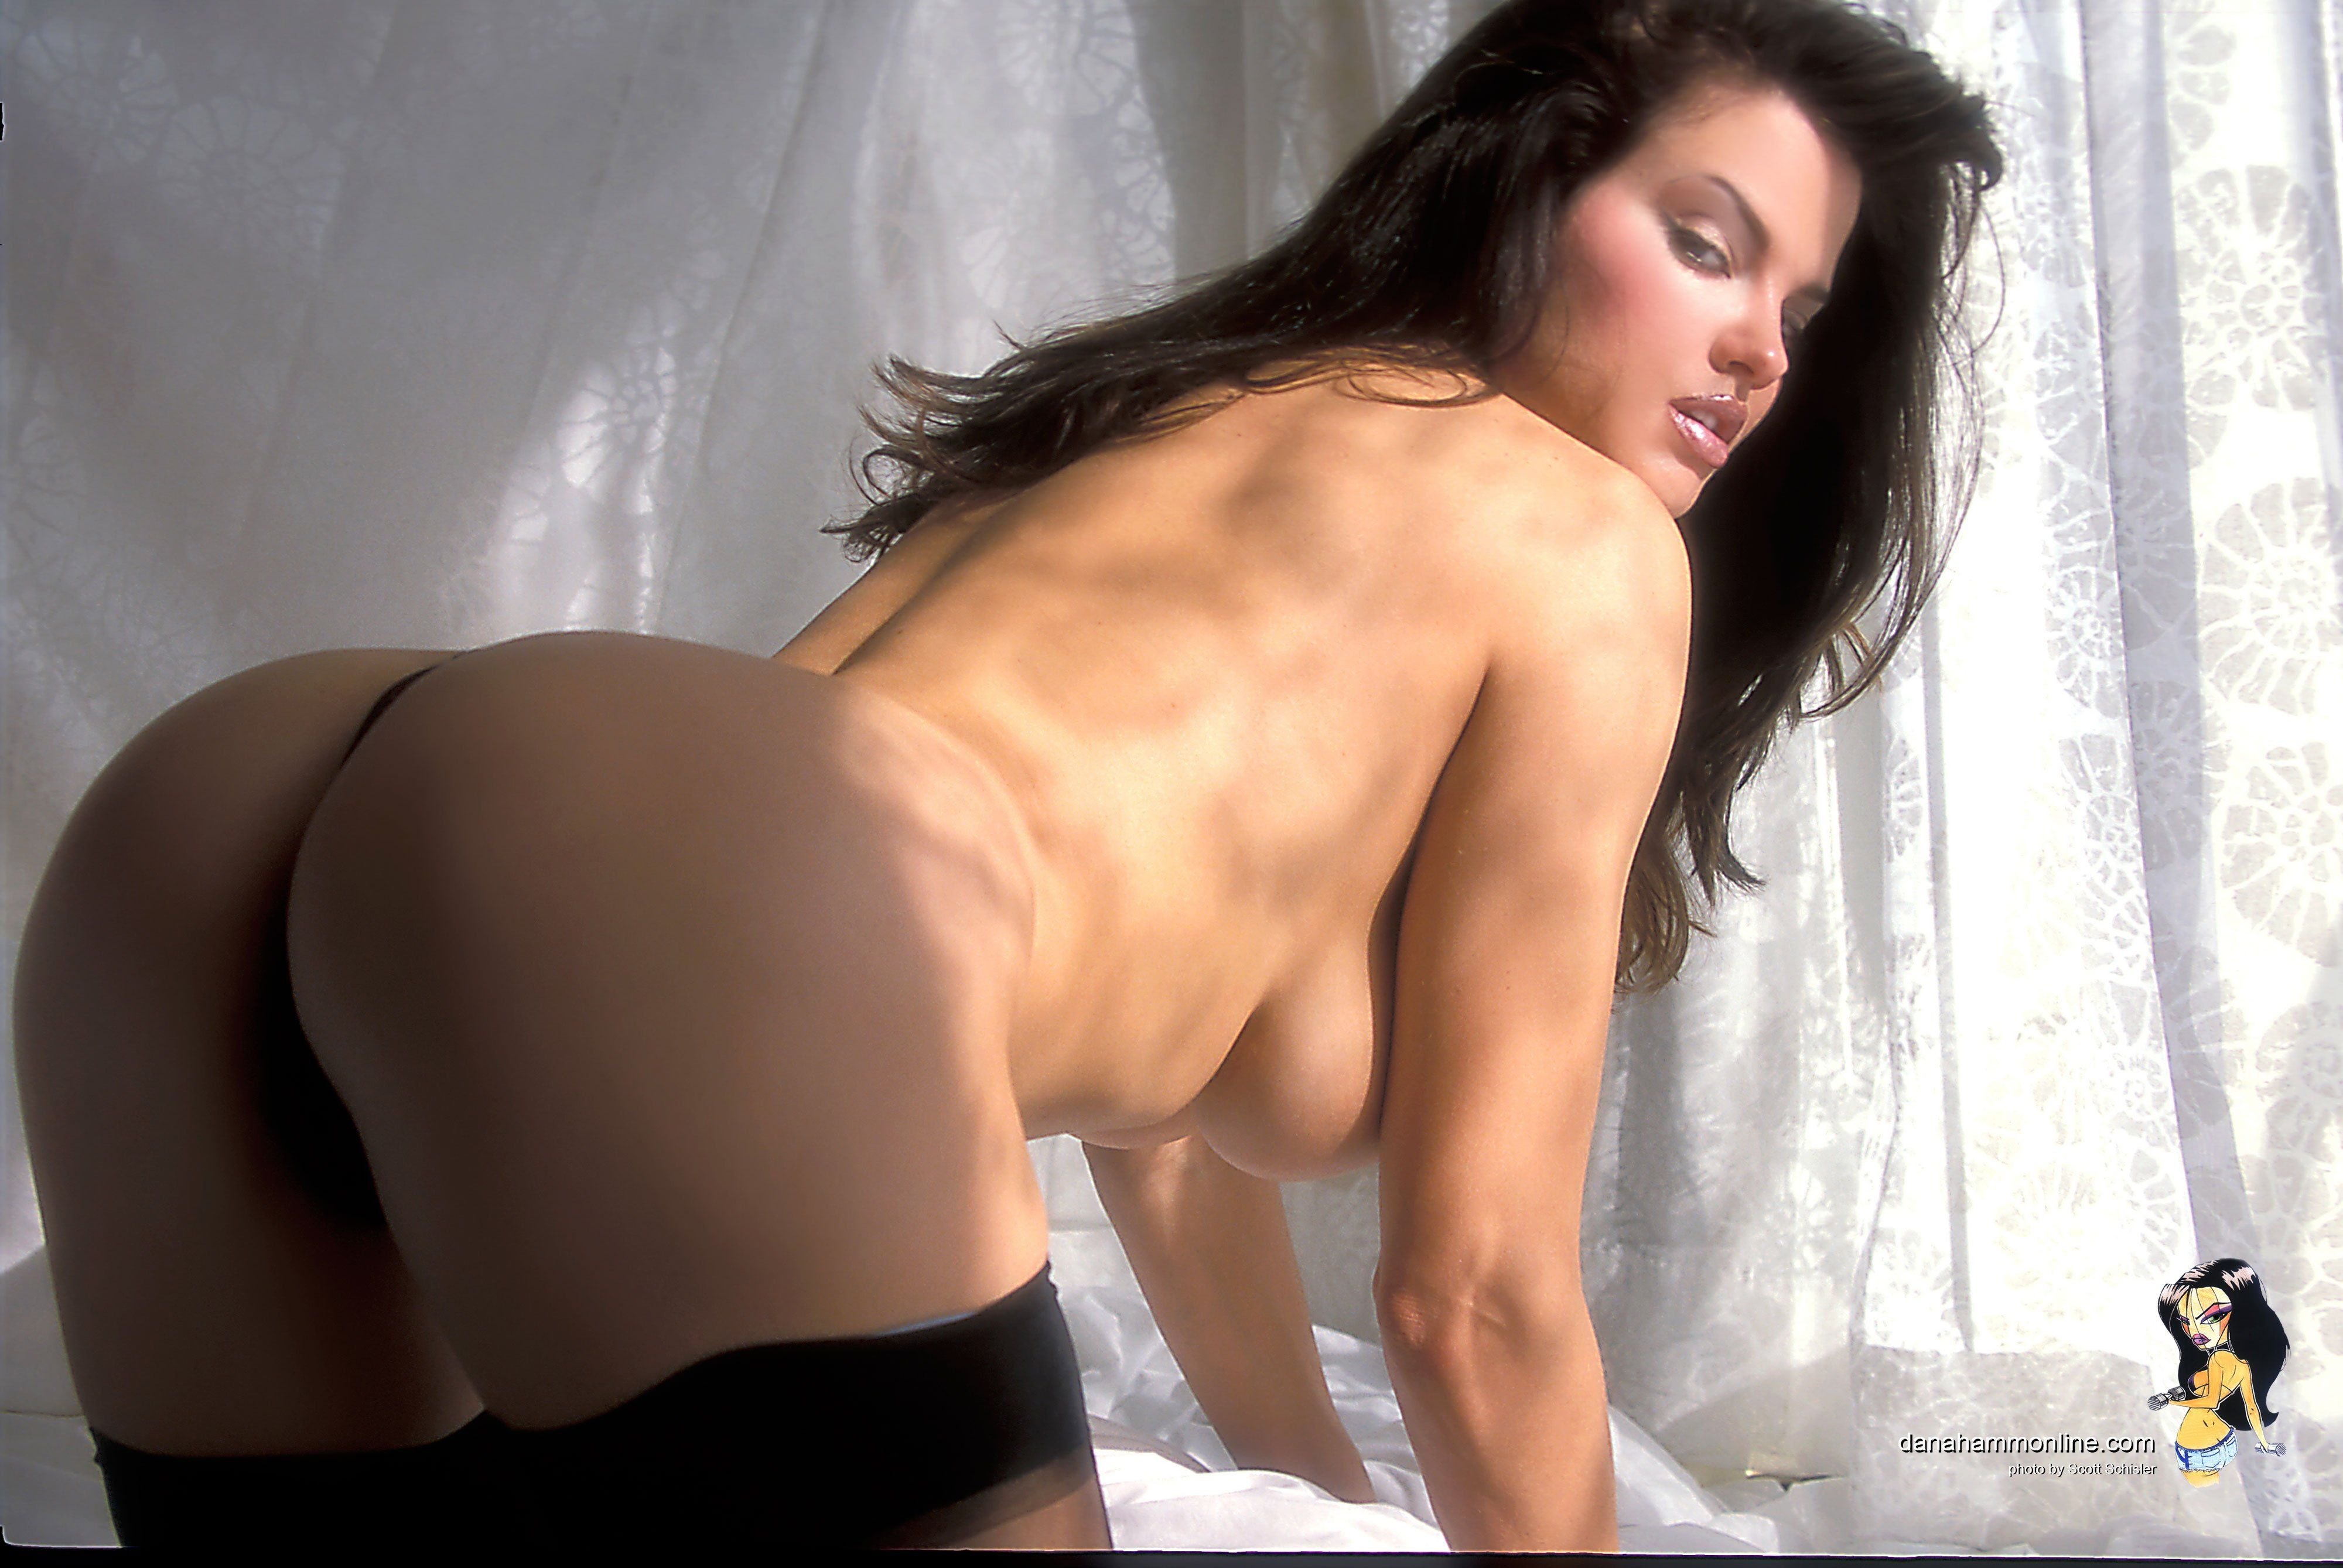 Dana hamm nude